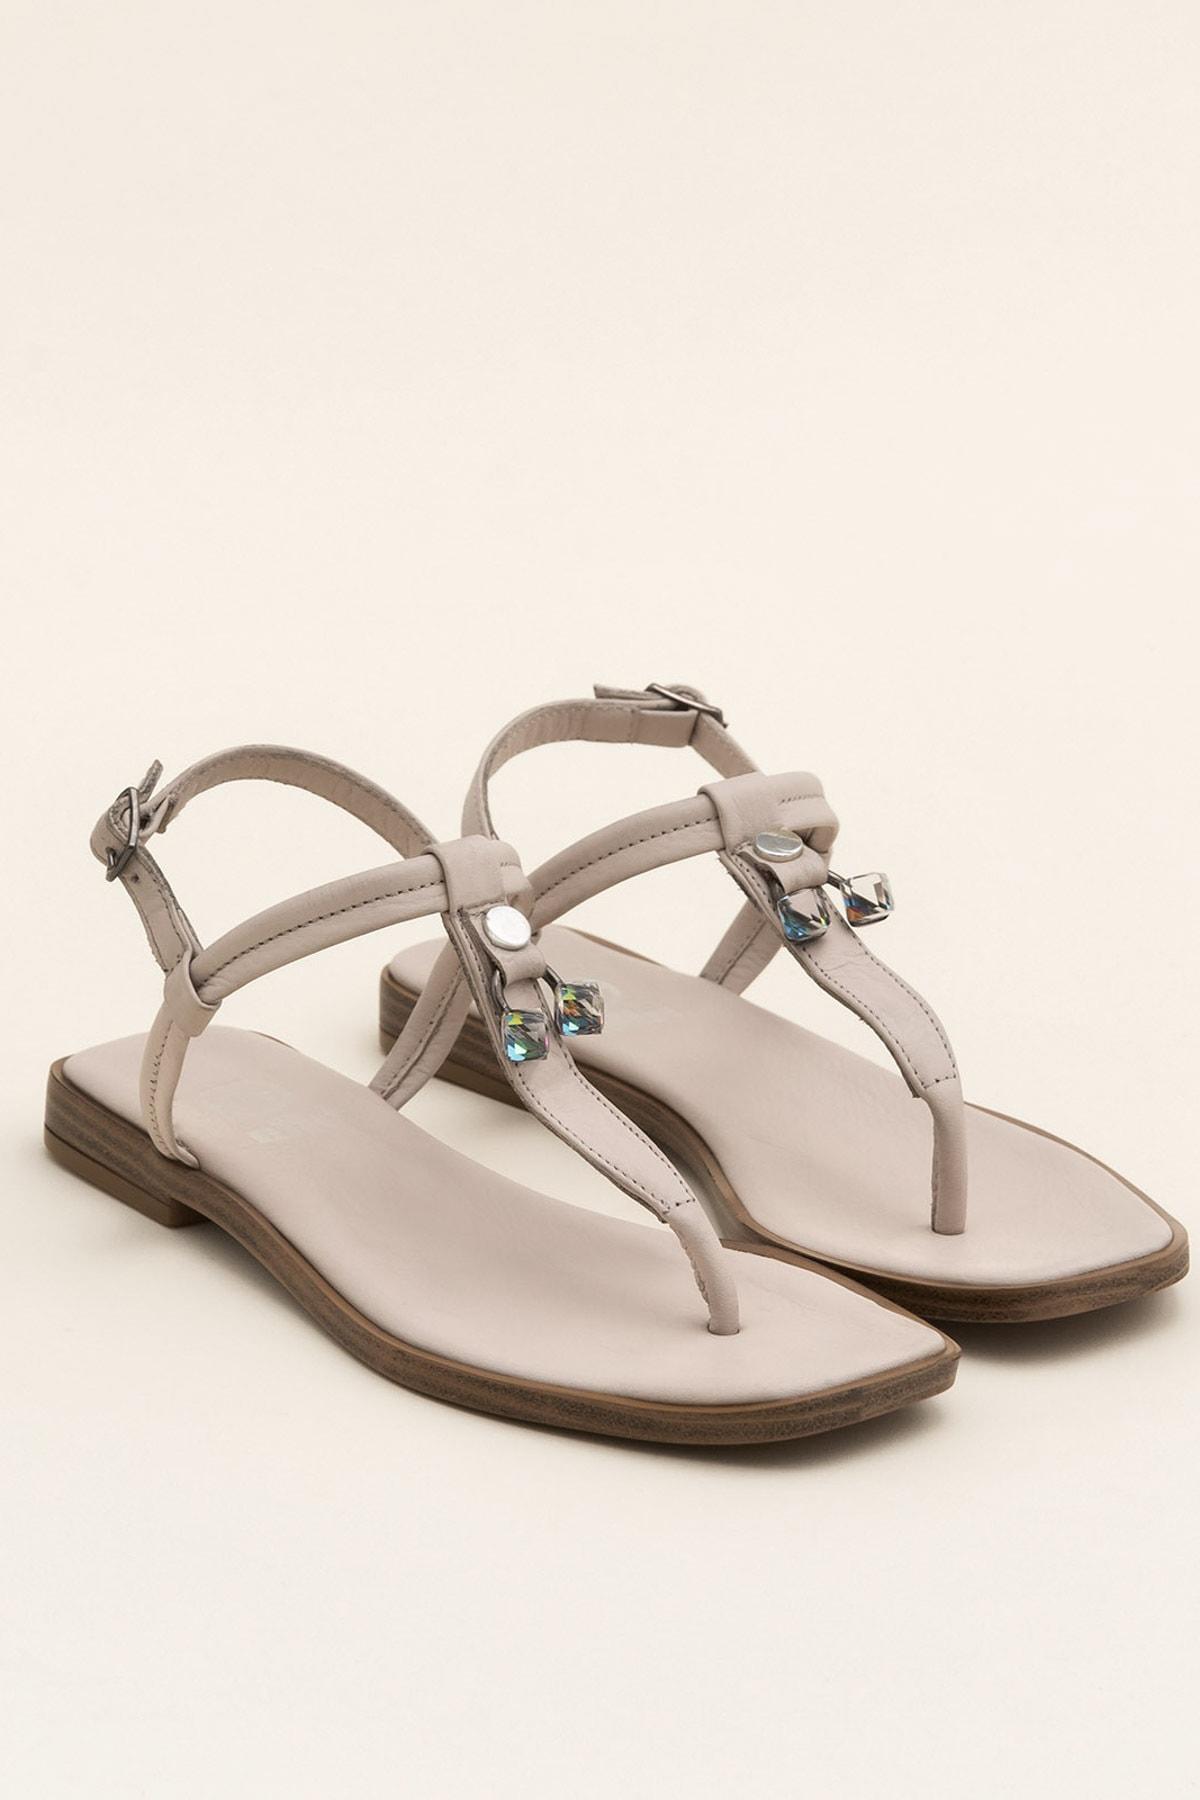 Elle Shoes DESPINA Bej Sandalet 20YEK3143732 2